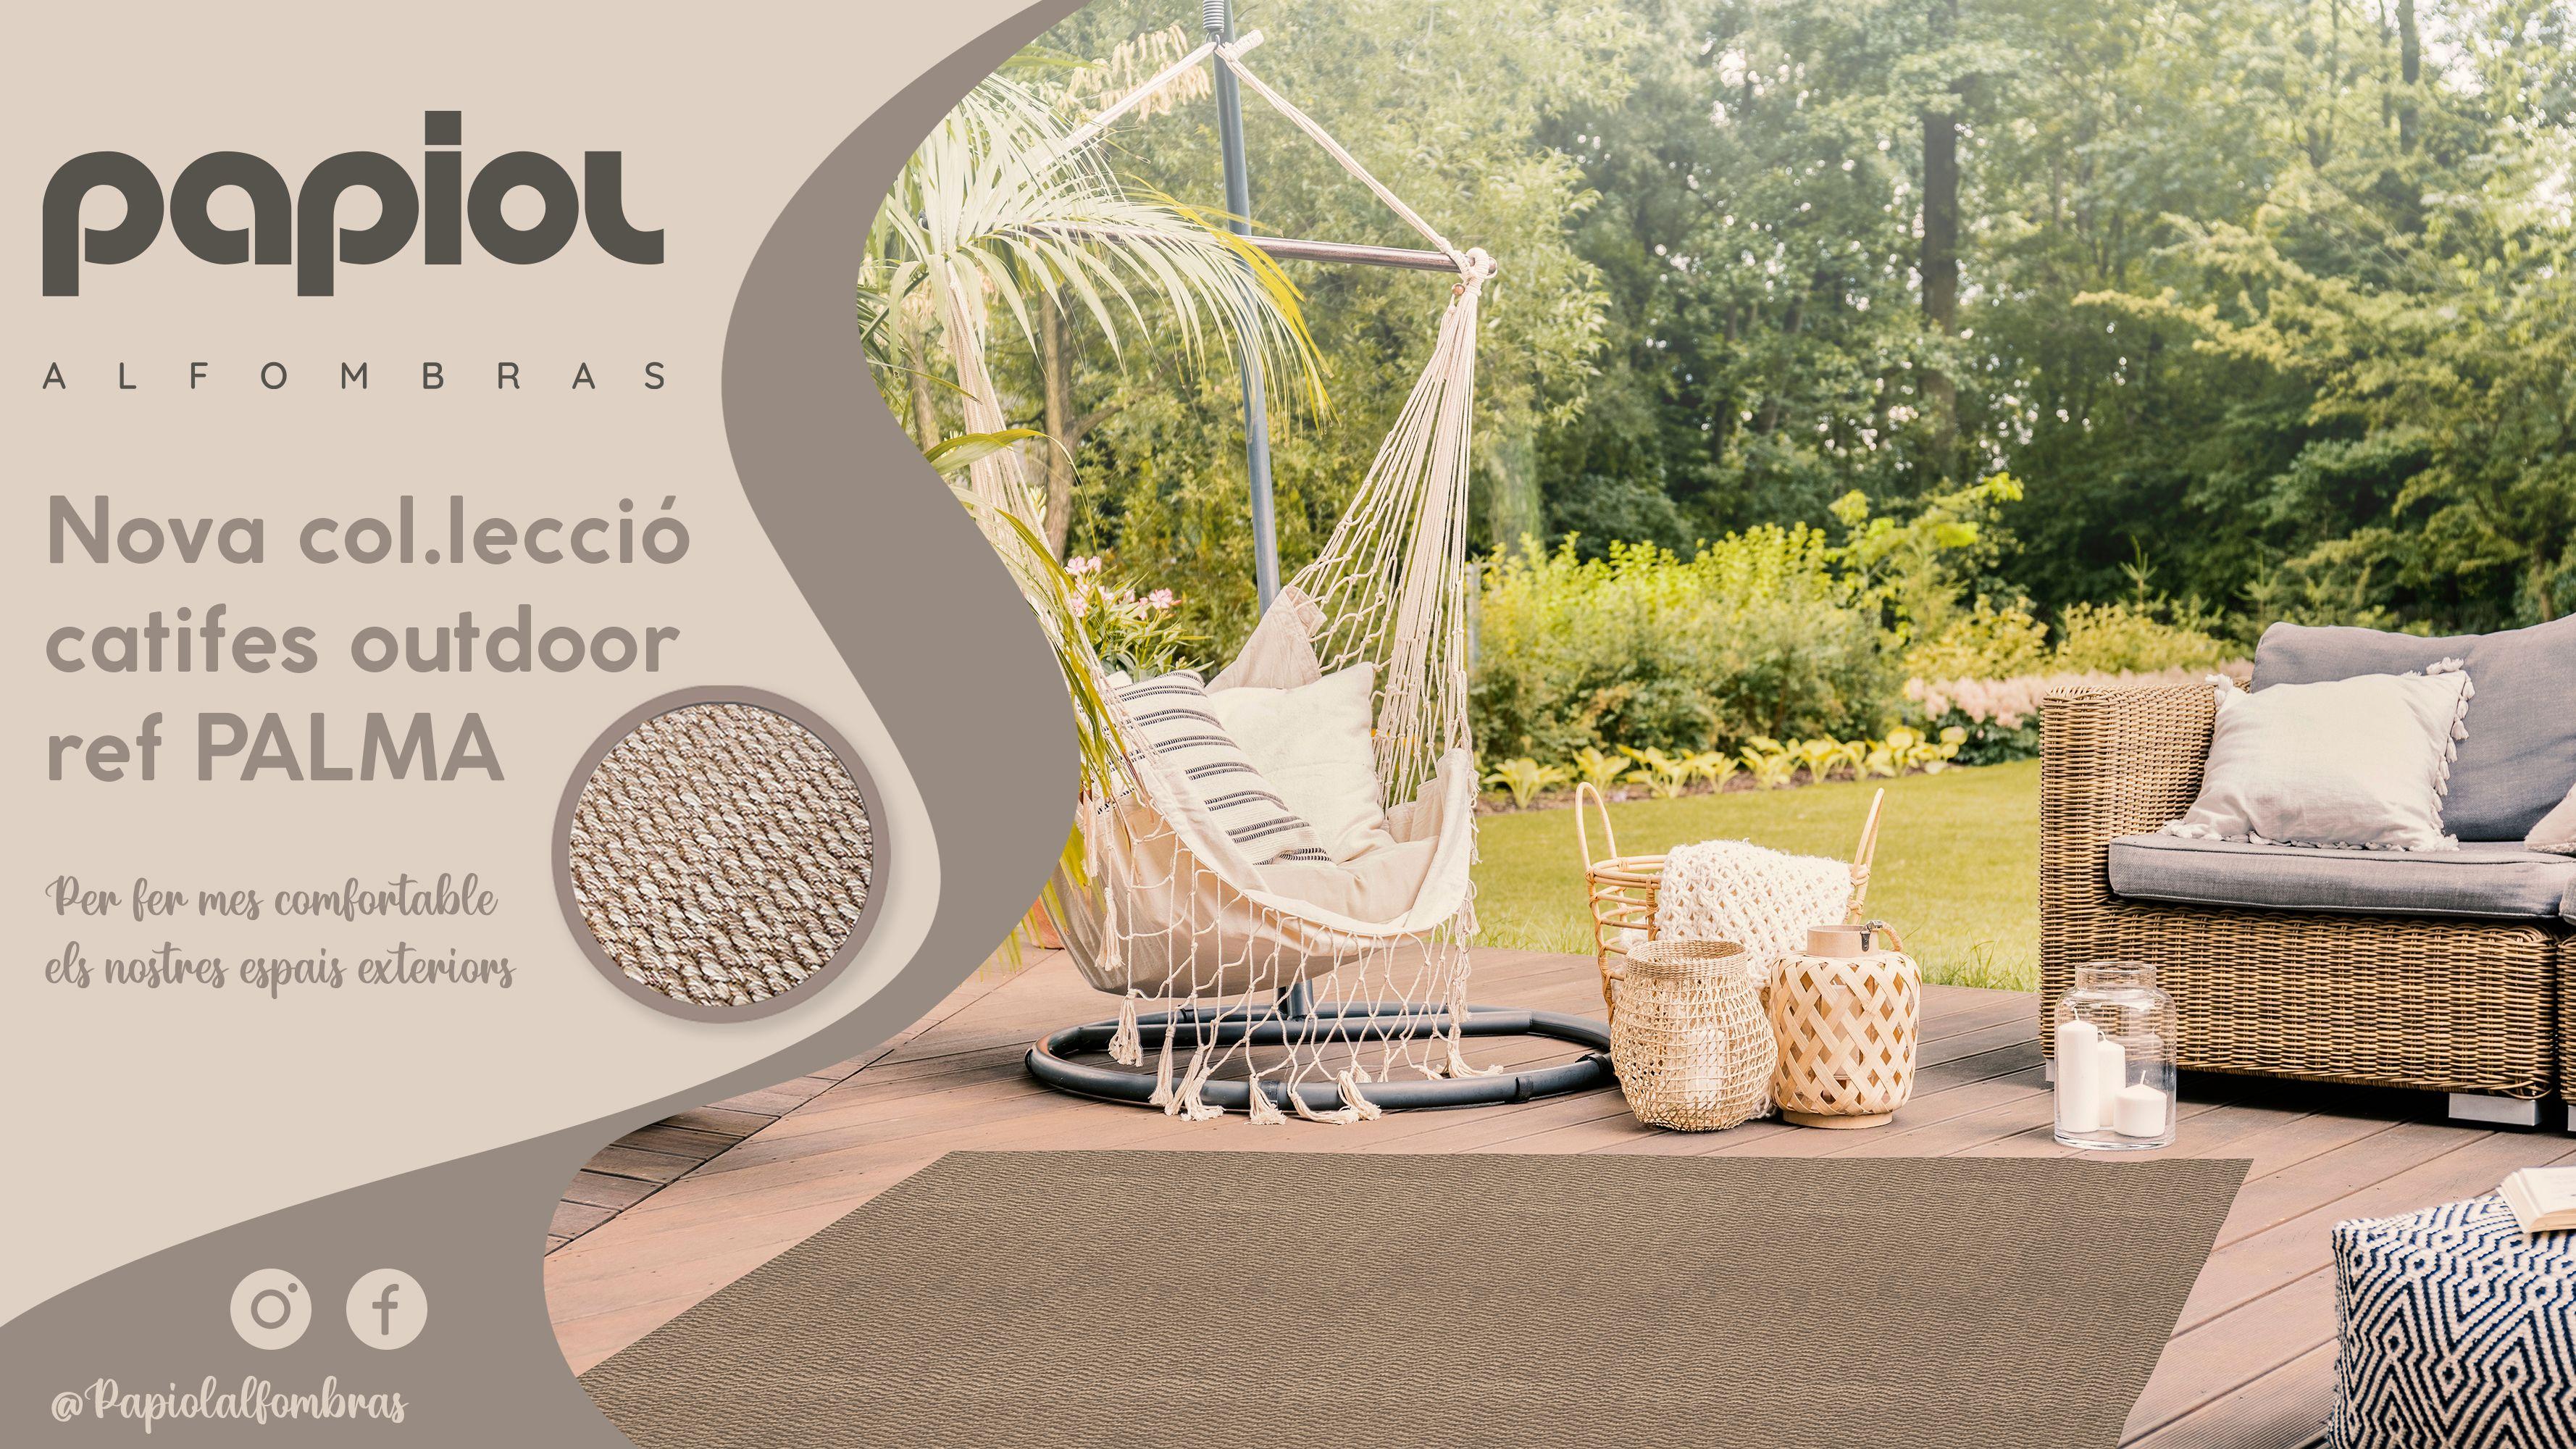 Nova col·lecció de catifes outdoor de Papiol. FOTO: Cedida